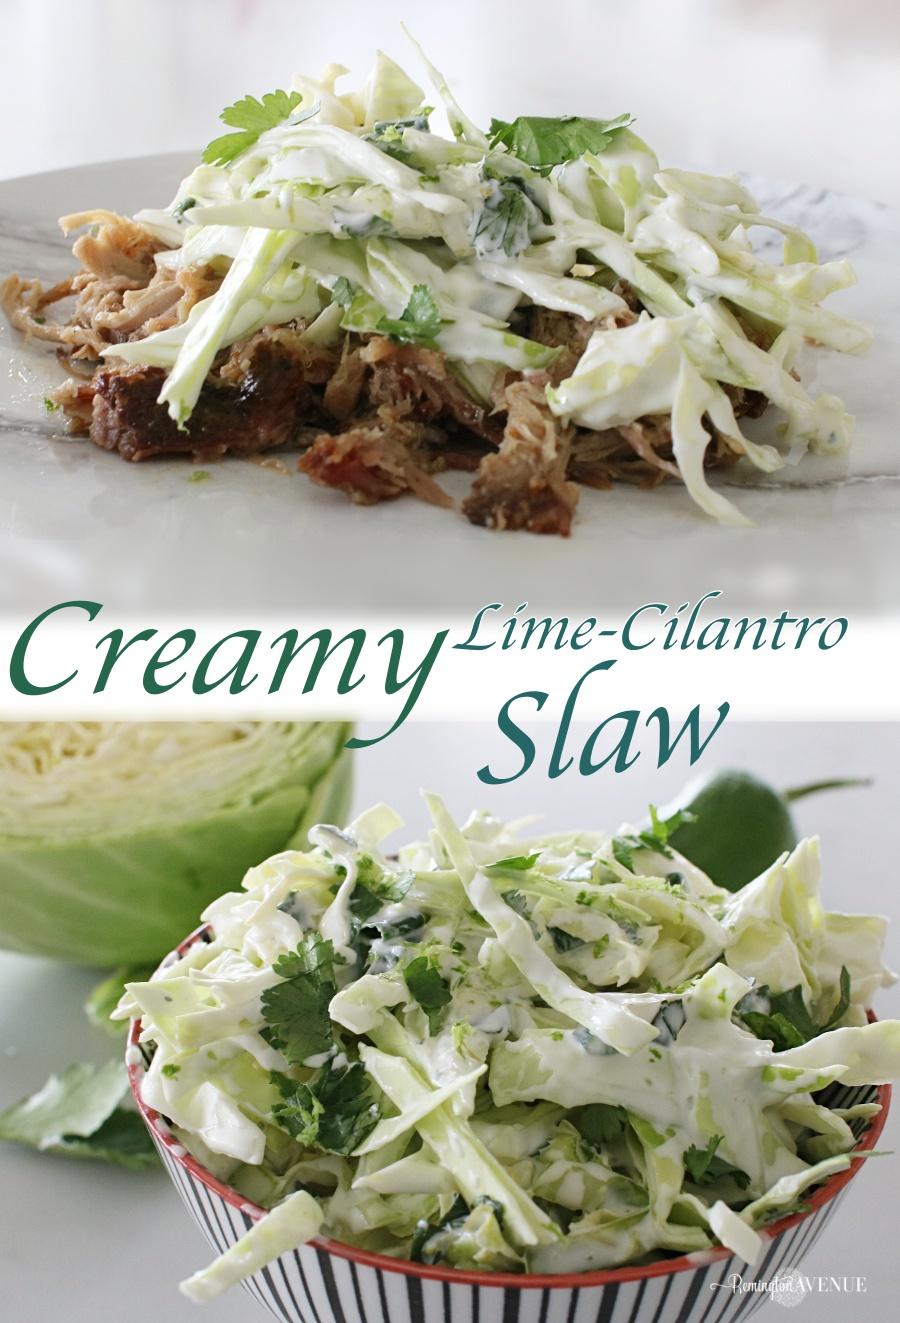 Creamy Lime-Cilantro Slaw Recipe